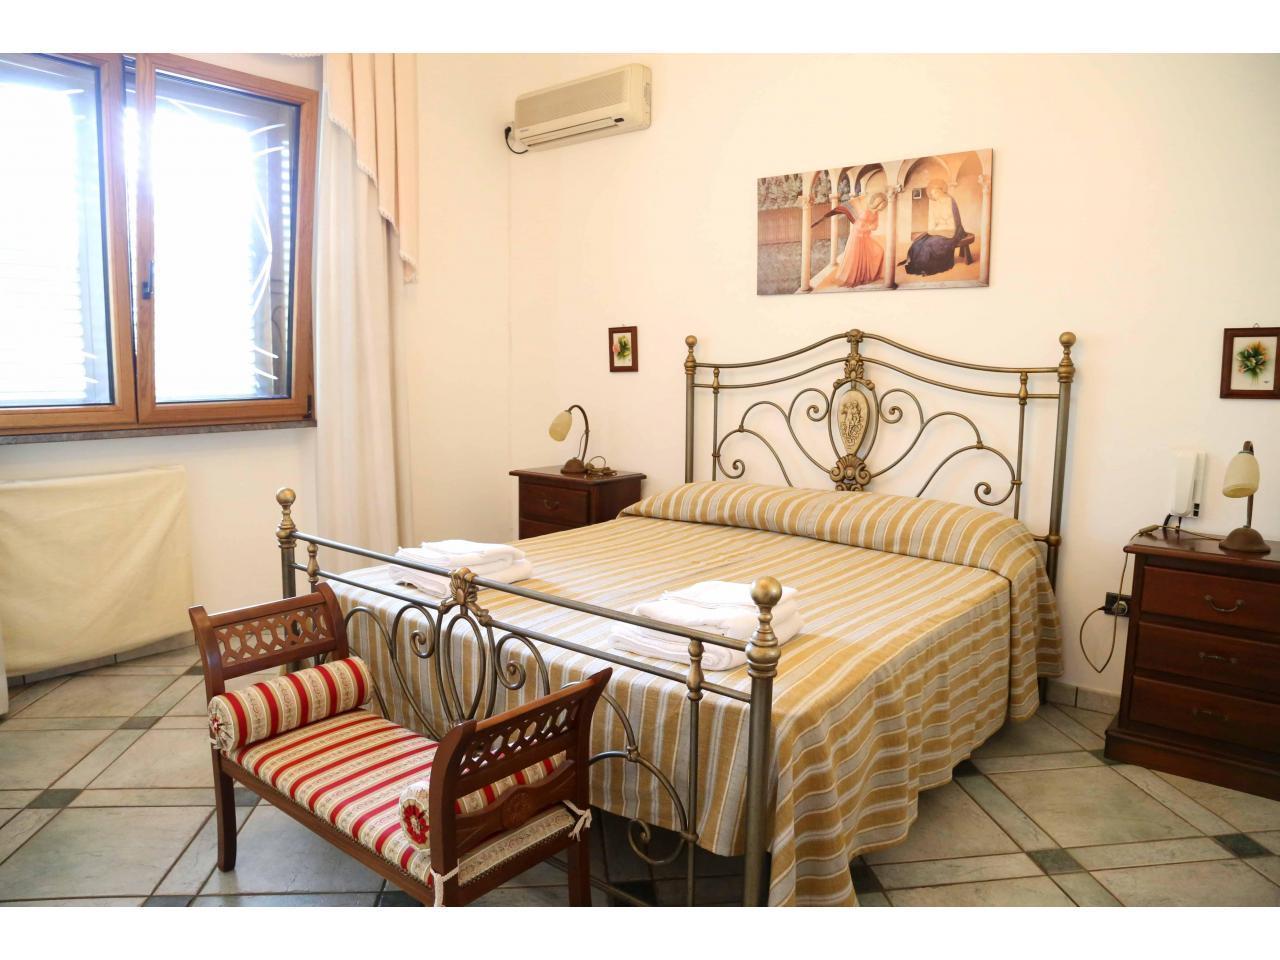 Эксклюзивная вилла для отдыха в Алессано, Апулия, Италия - 5